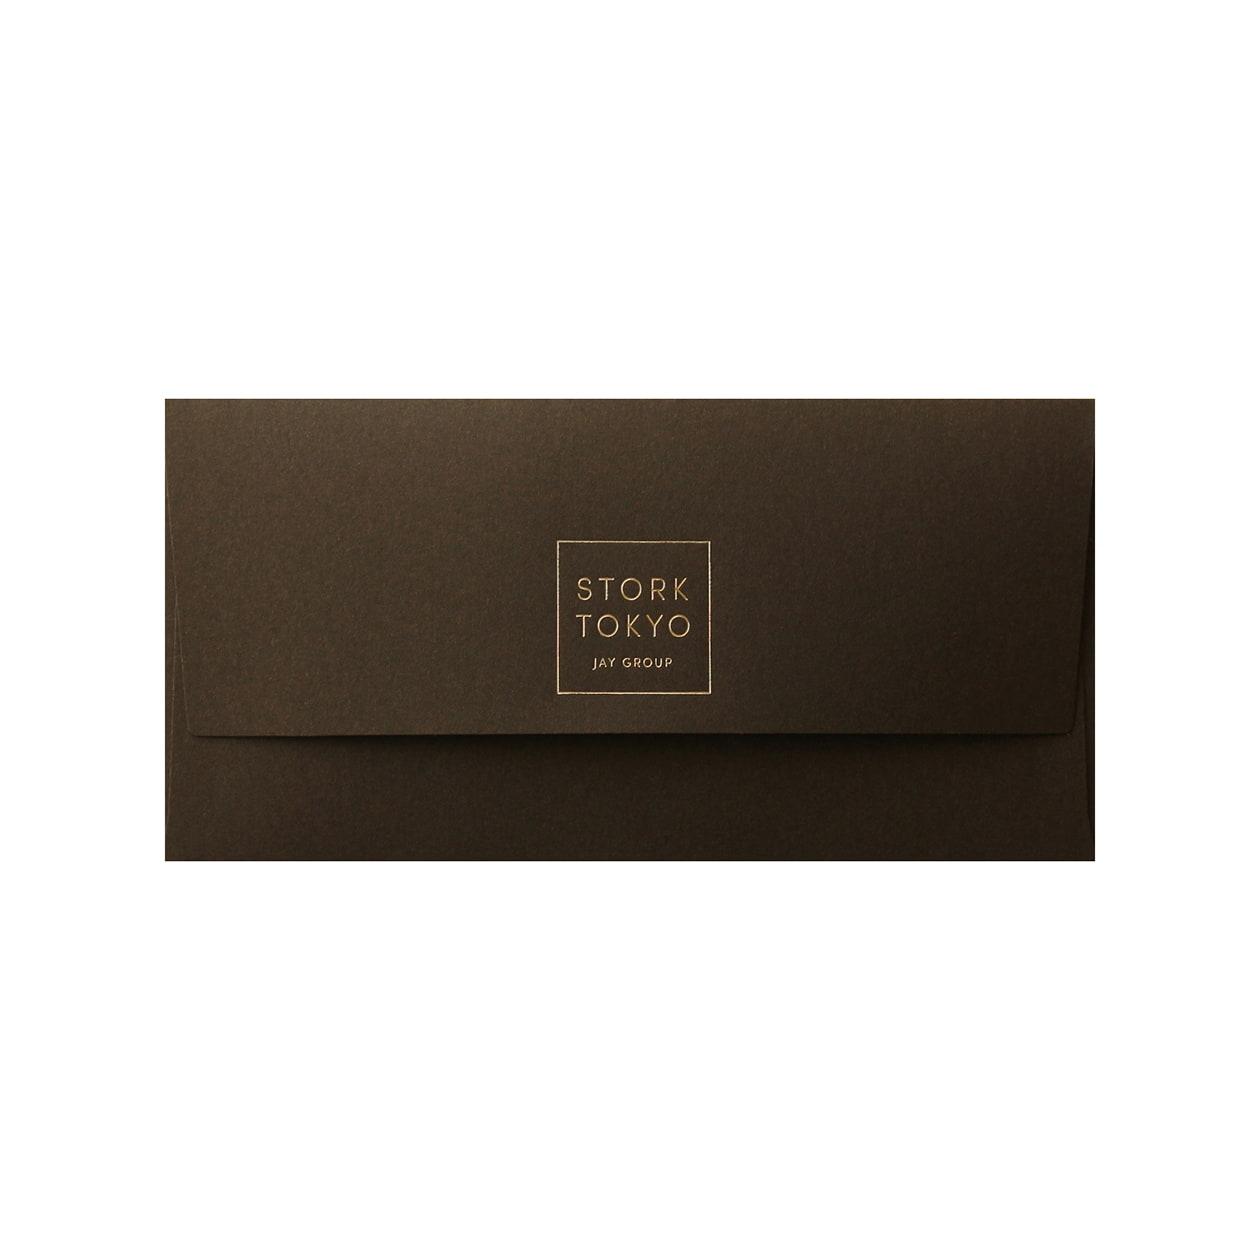 サンプル 封筒・袋 00021